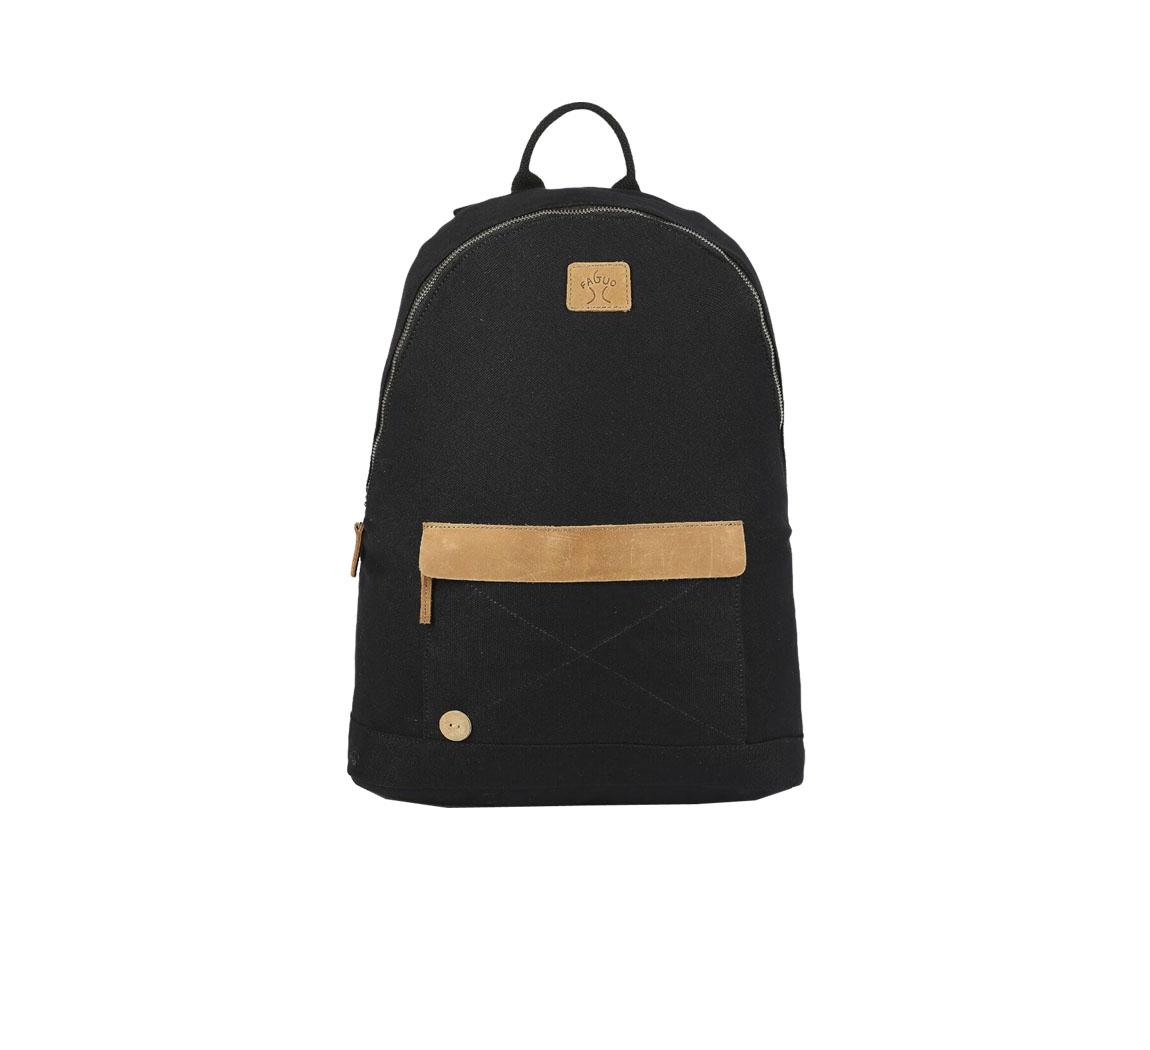 Sac à dos Backpack Nylon